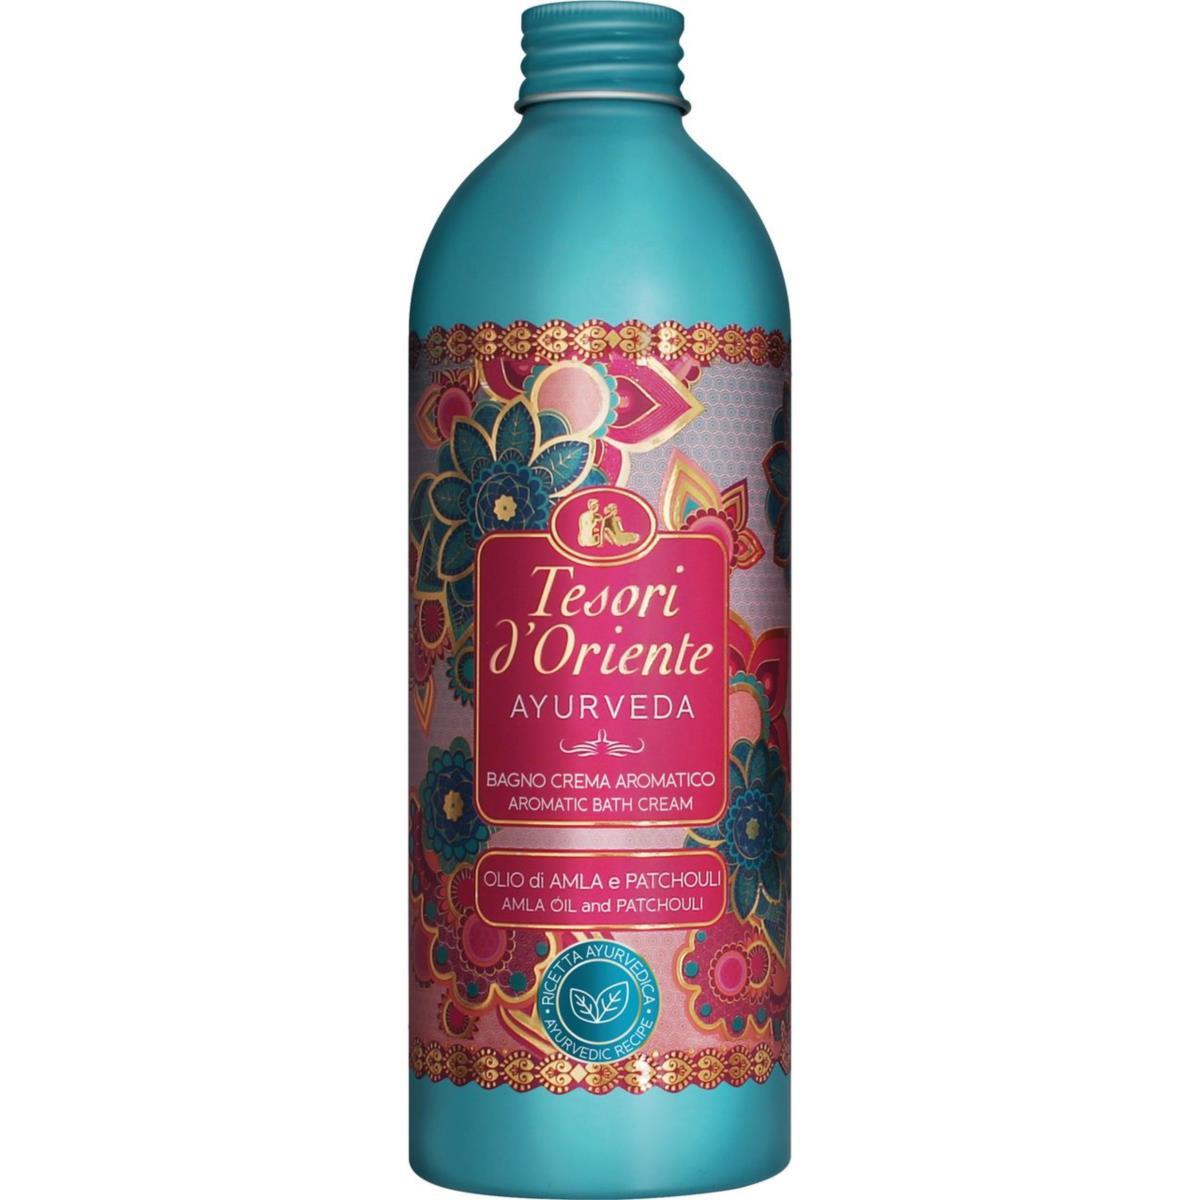 Tesori d'Oriente pěna do koupele Ayurveda, 500 ml